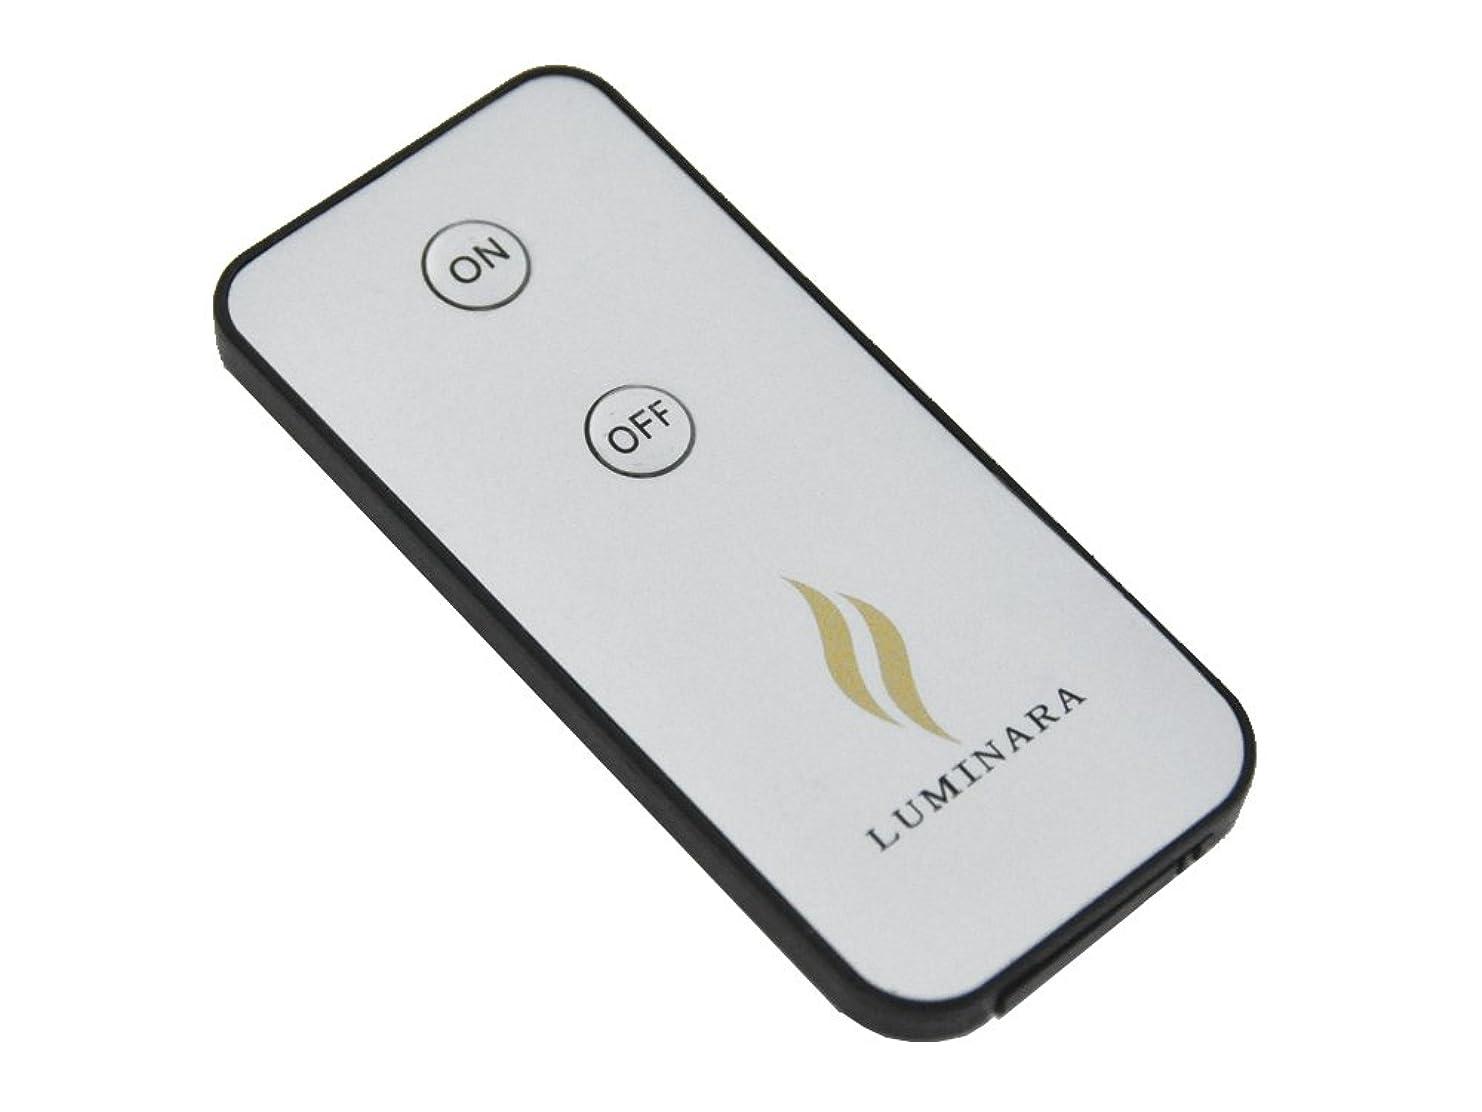 組み合わせる非行呼びかけるLUMINARA リモコン LM001 (正規品)